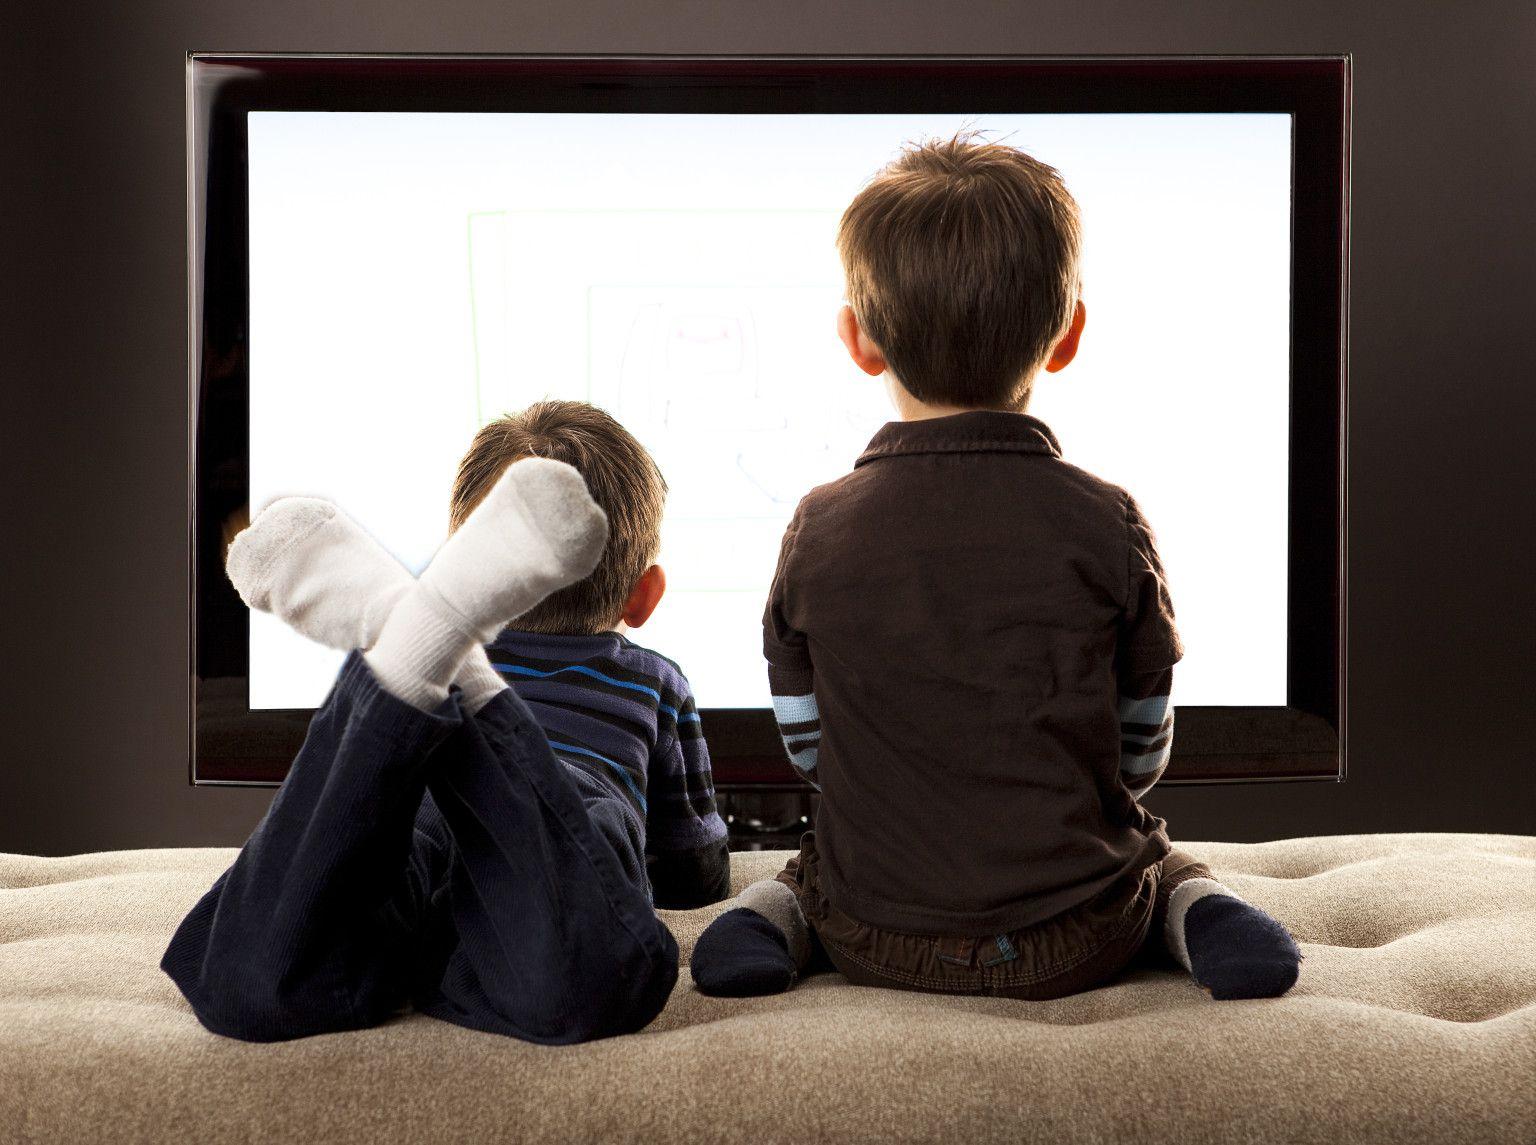 Ce pericole ascunde o oră în fața televizorului pentru copii